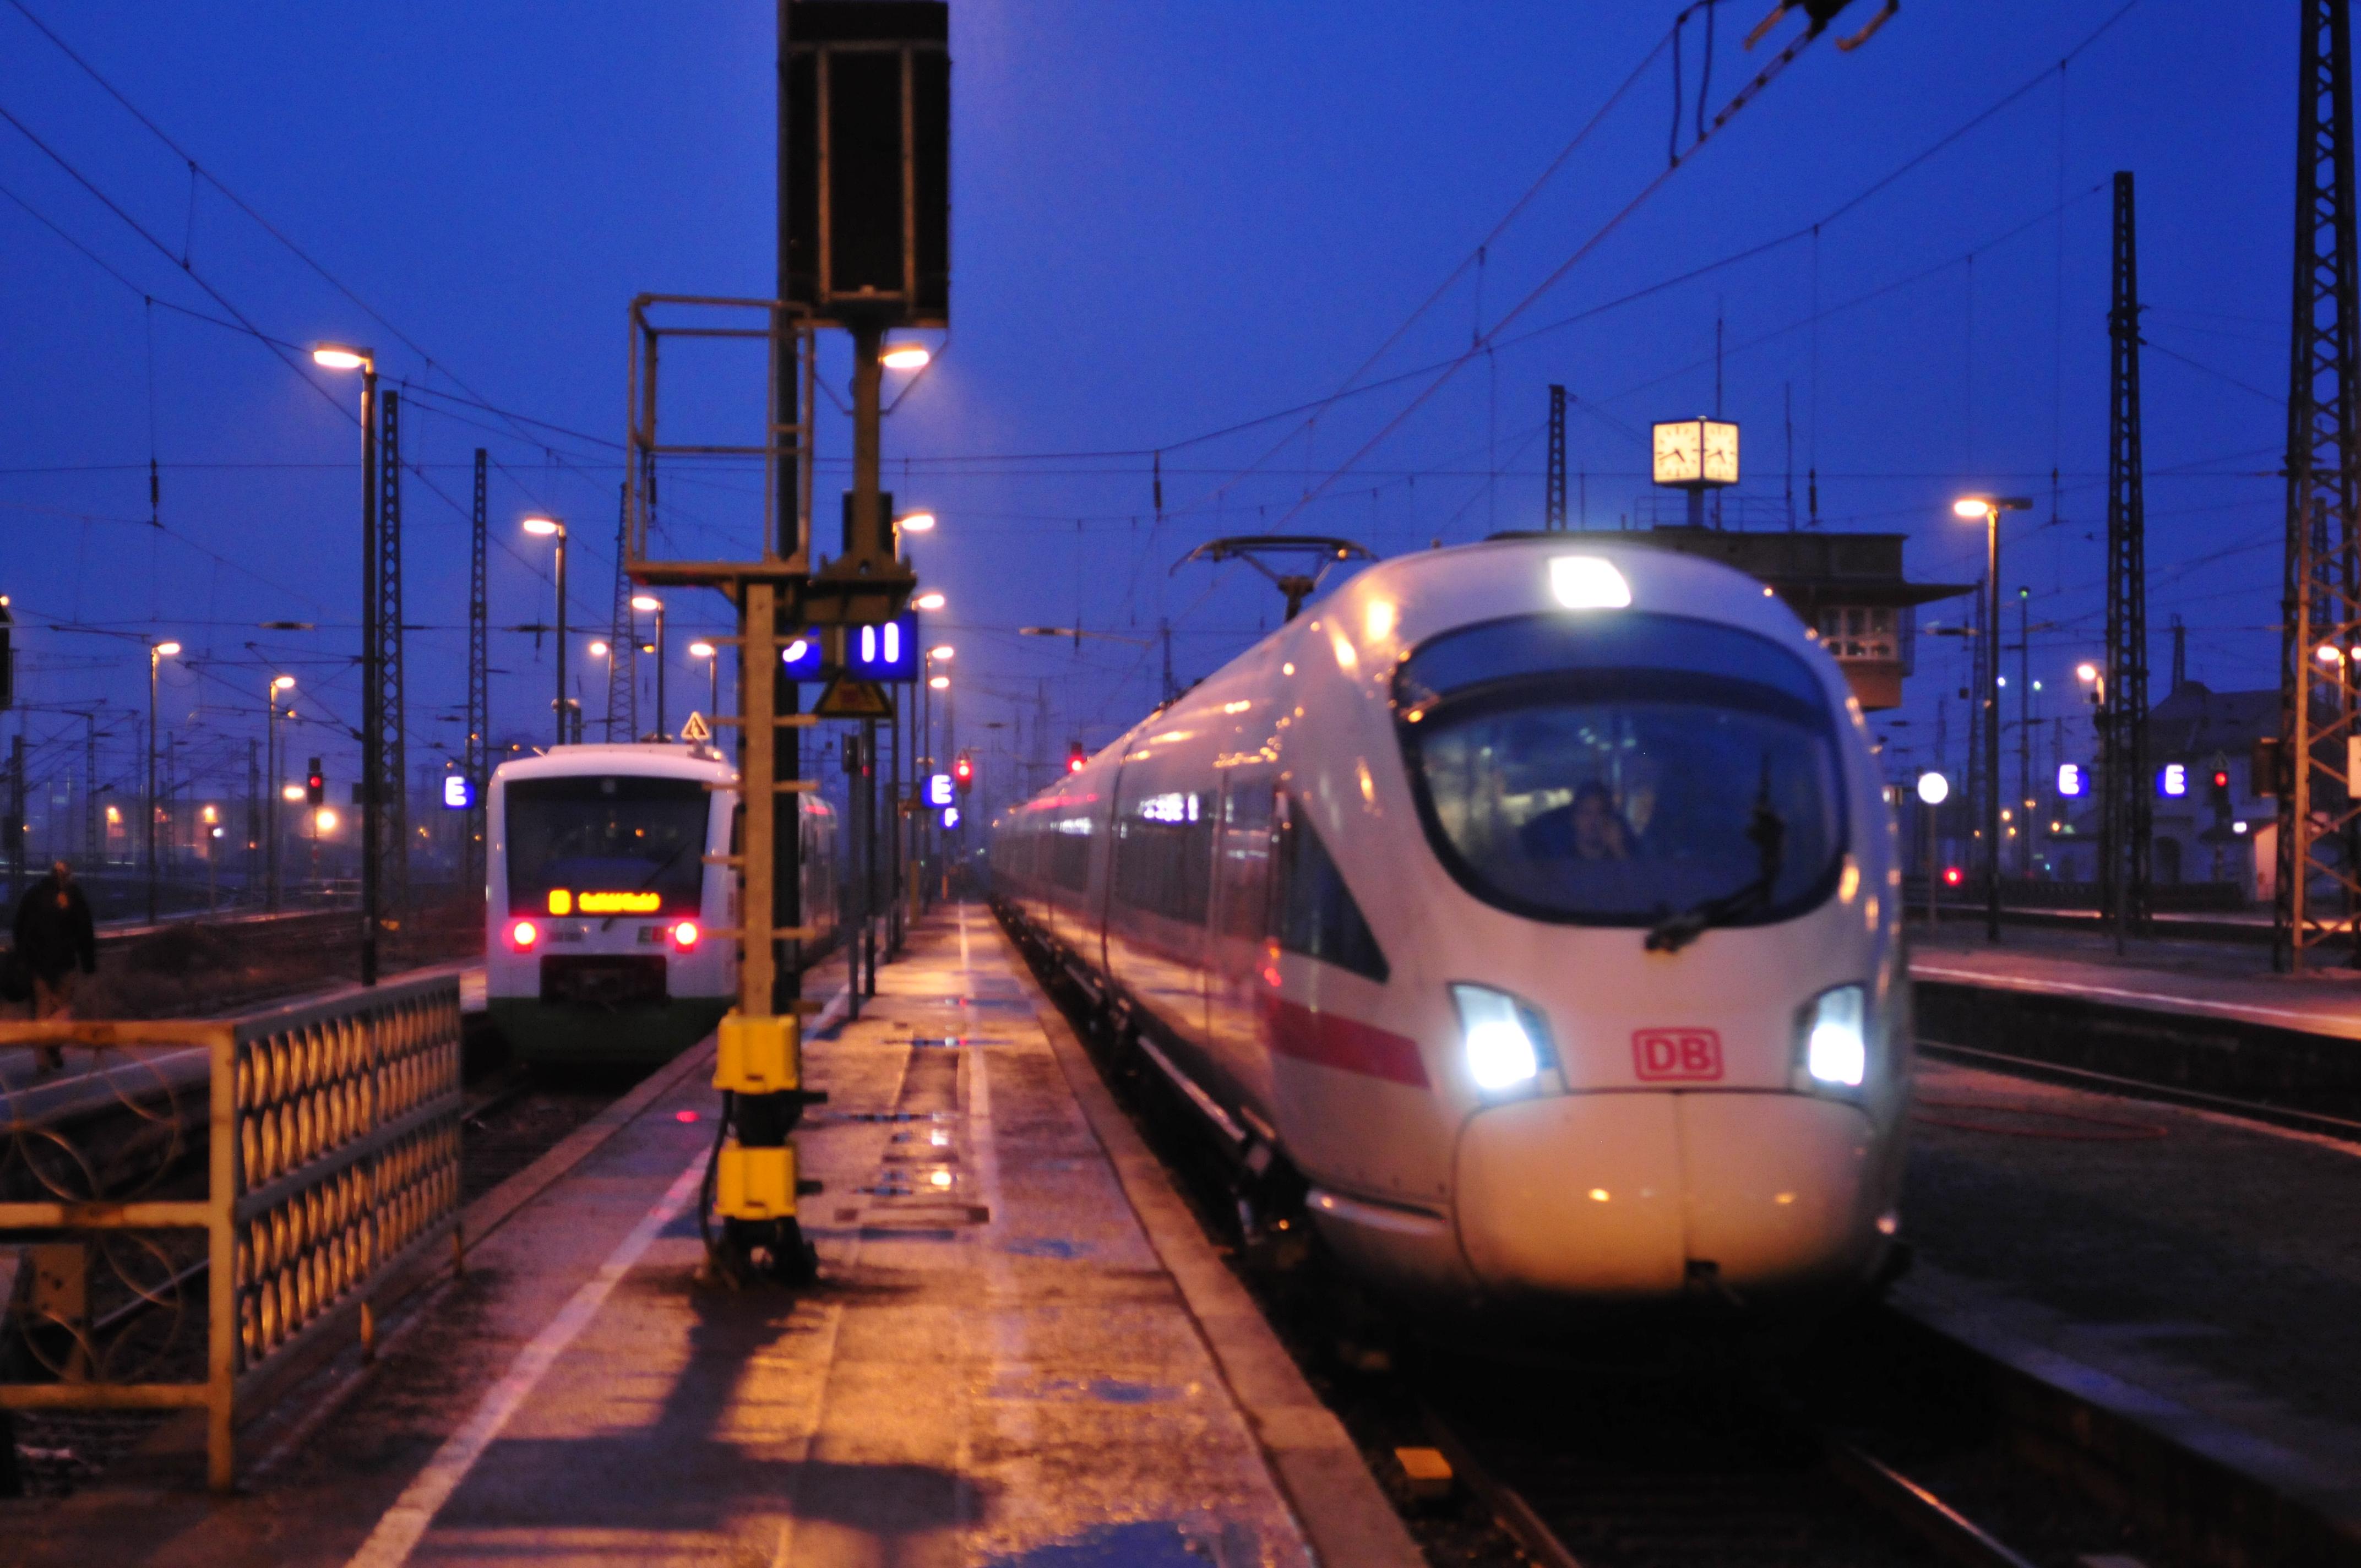 13-01-09-test-solmeta-n3-312.jpg